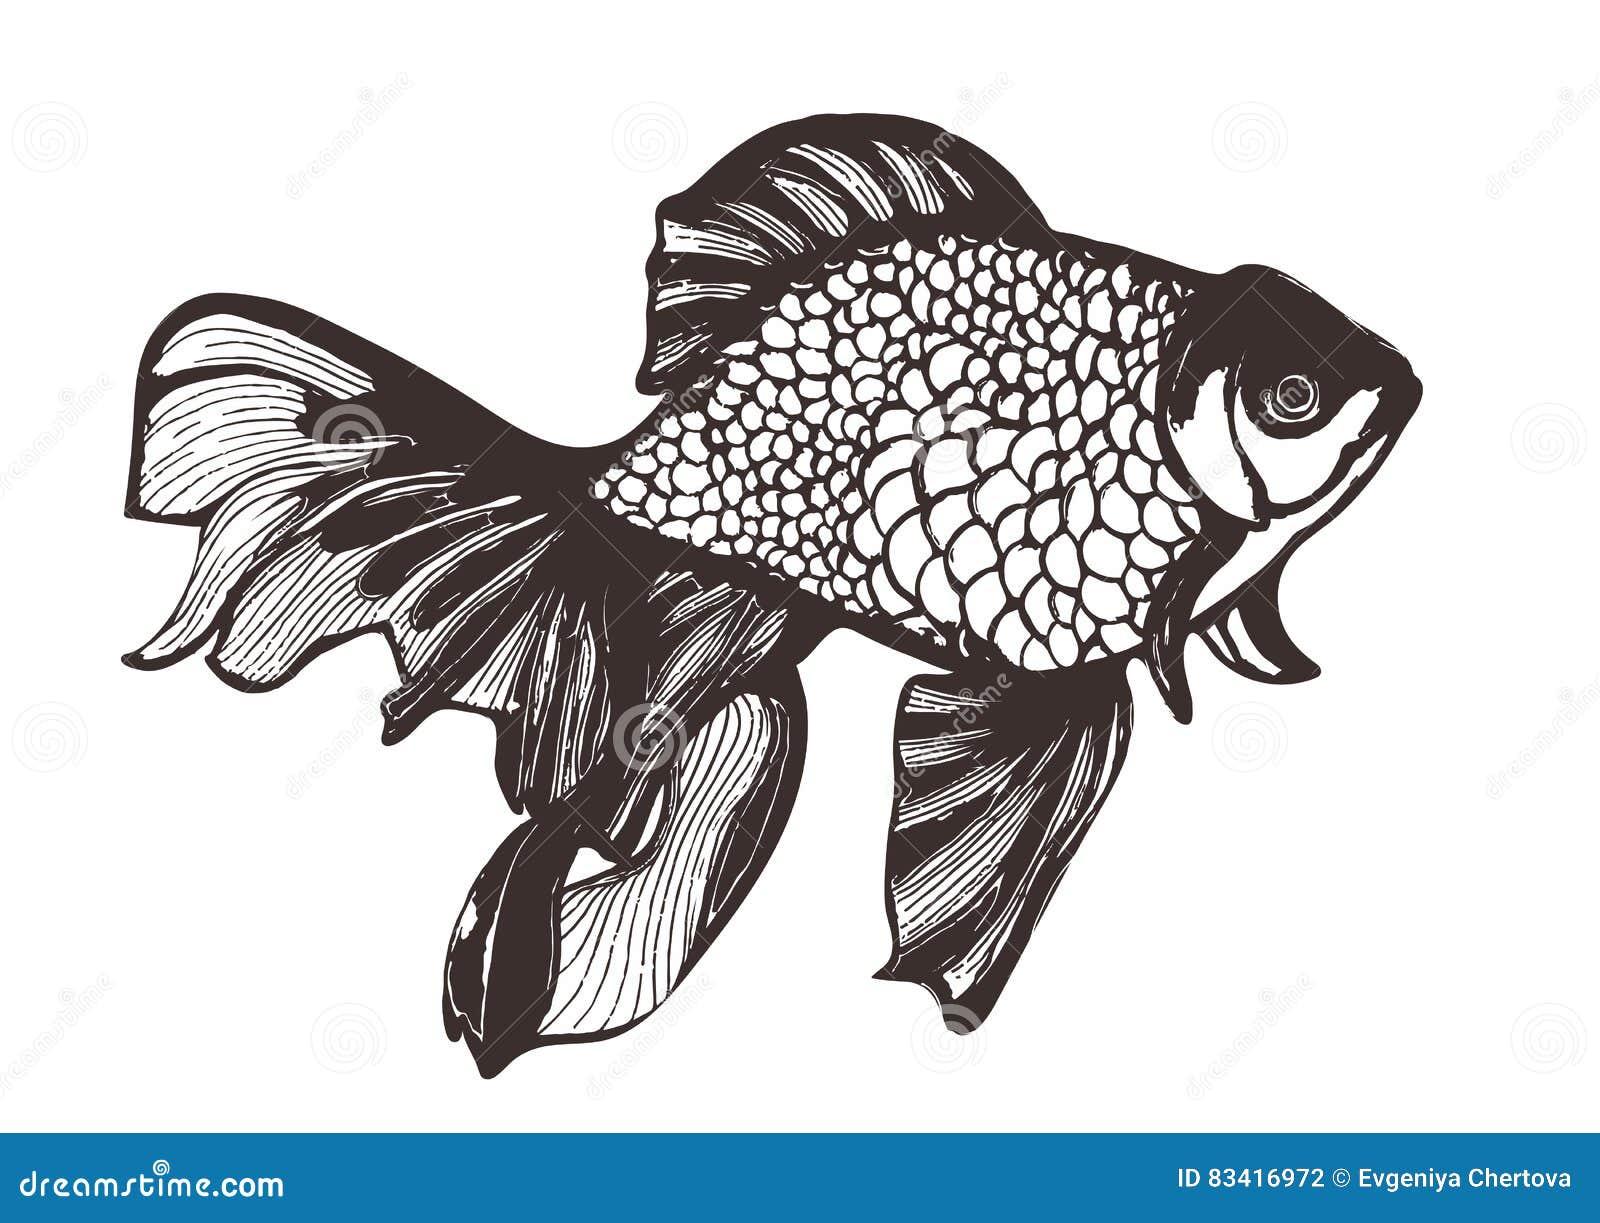 Croquis abstrait de poissons dessin de main illustration - Croquis poisson ...